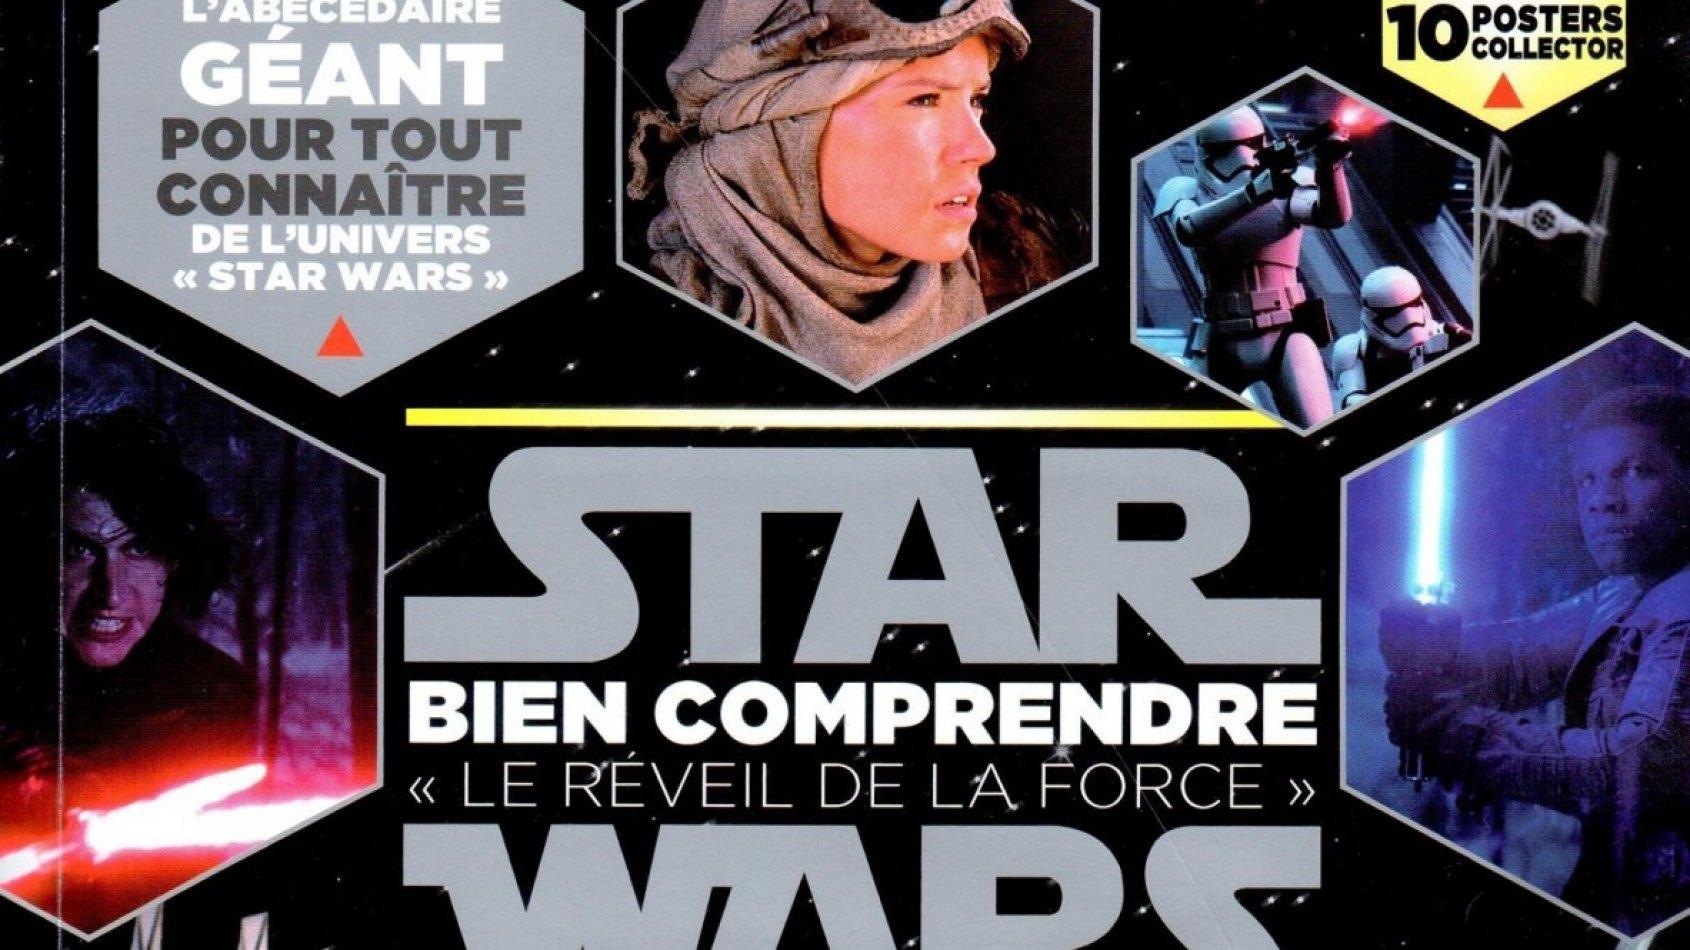 Ciné Saga 12 : Un 4ème numéro consacré à Star Wars